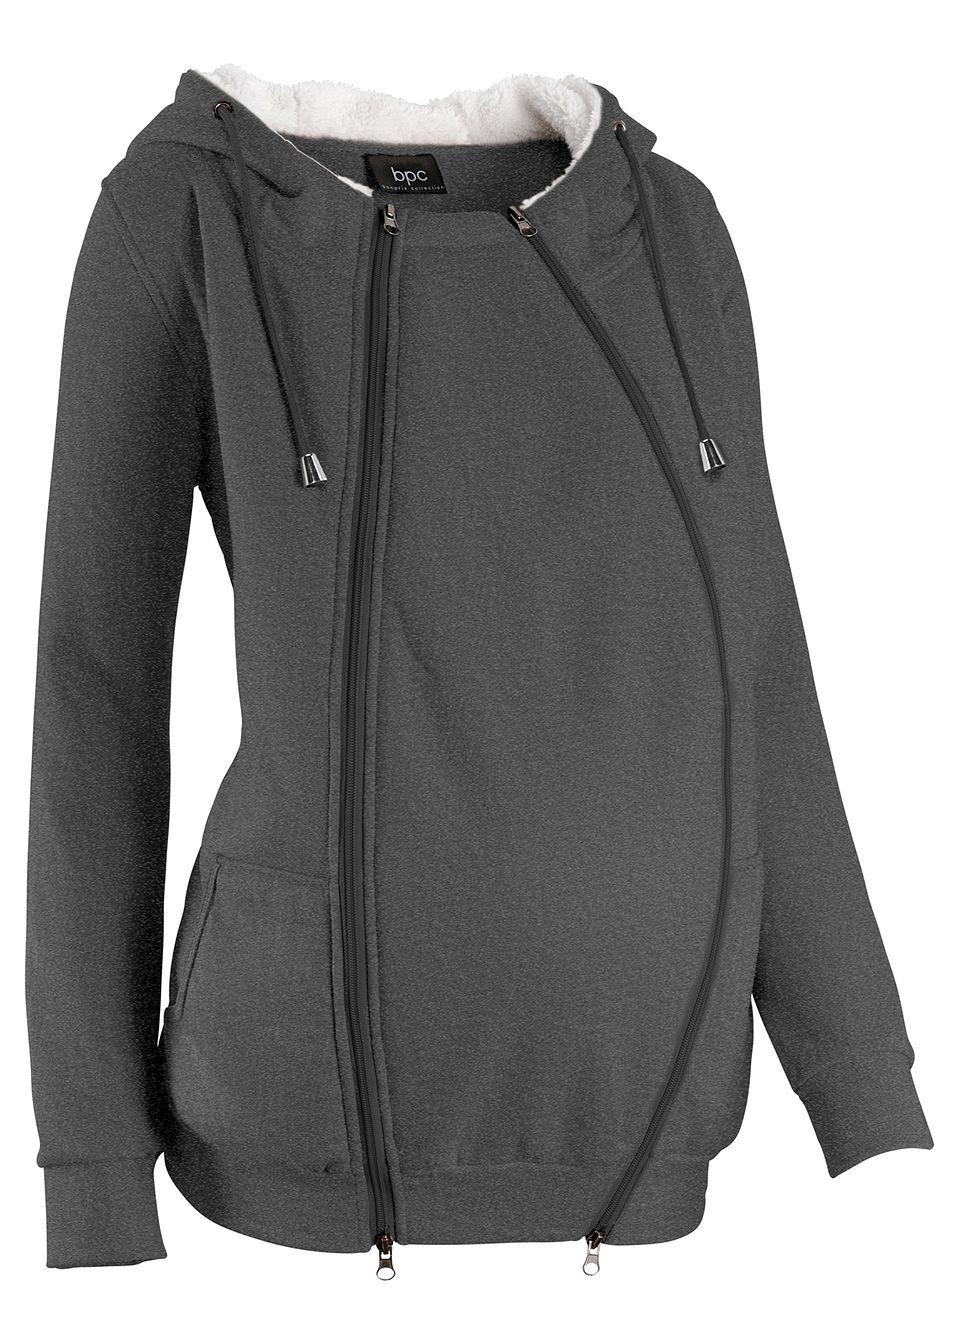 Трикотажная куртка с защитной вставкой для малыша от bonprix